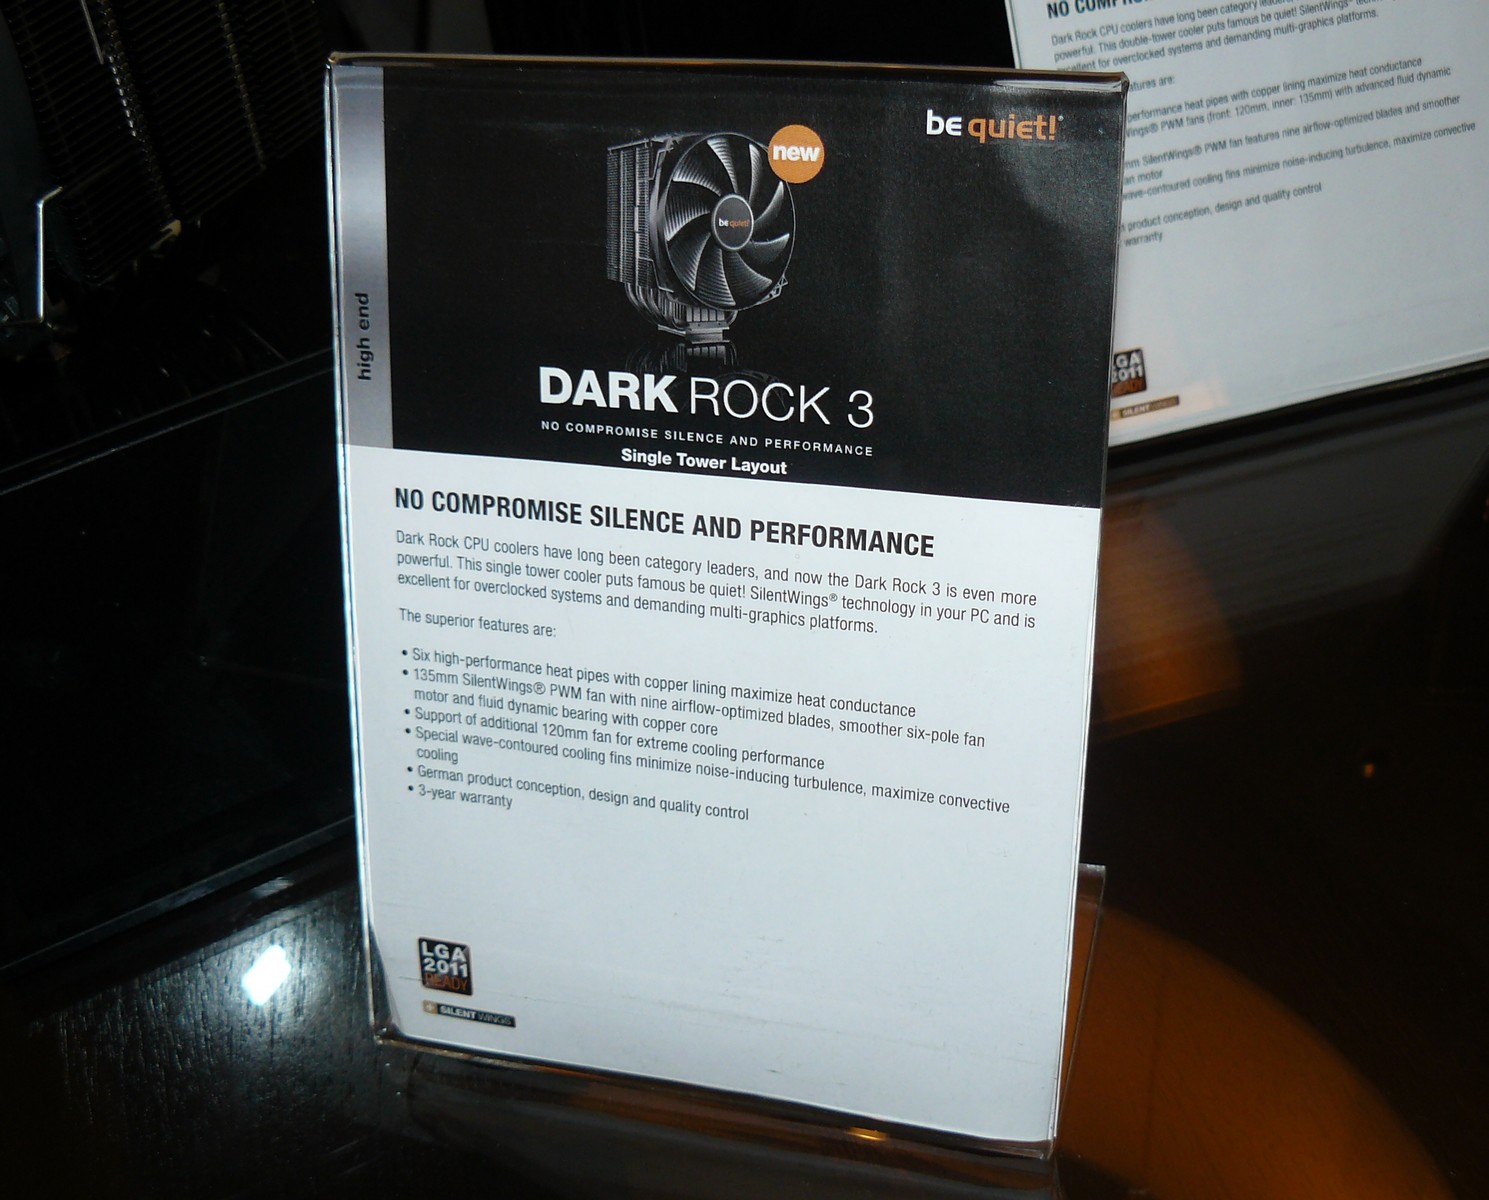 Dark Rock 3 Specs